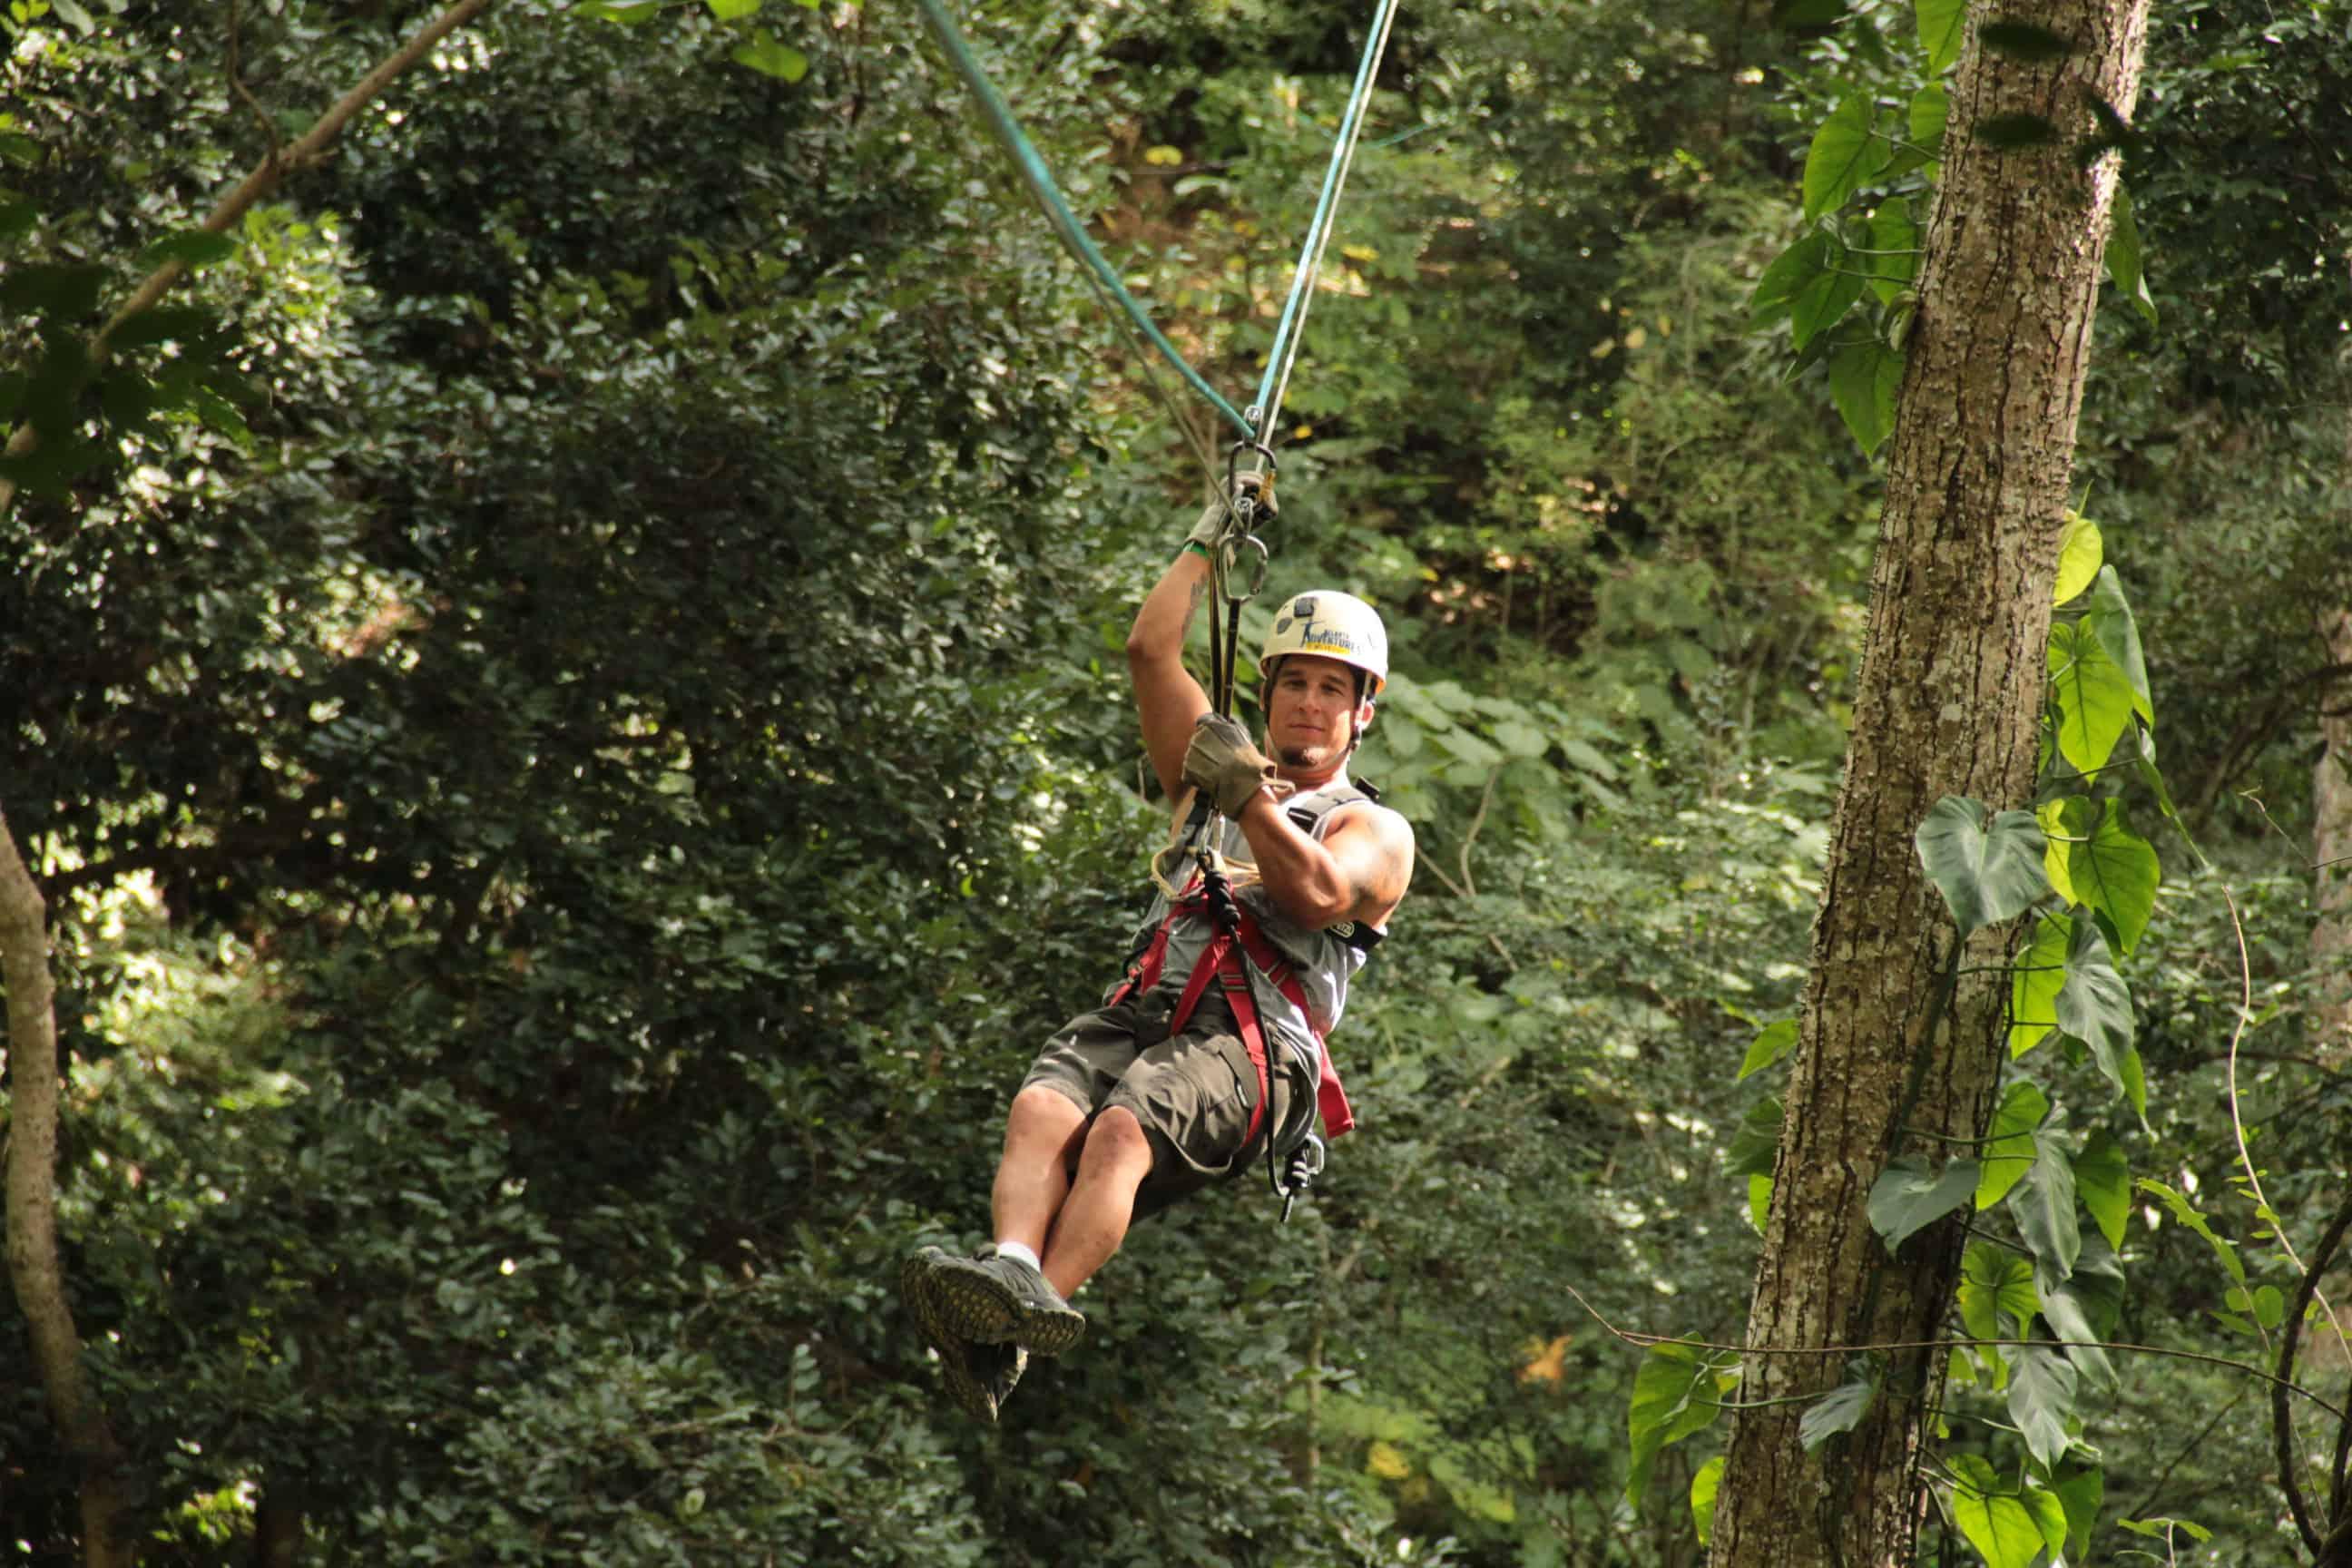 Man ziplining